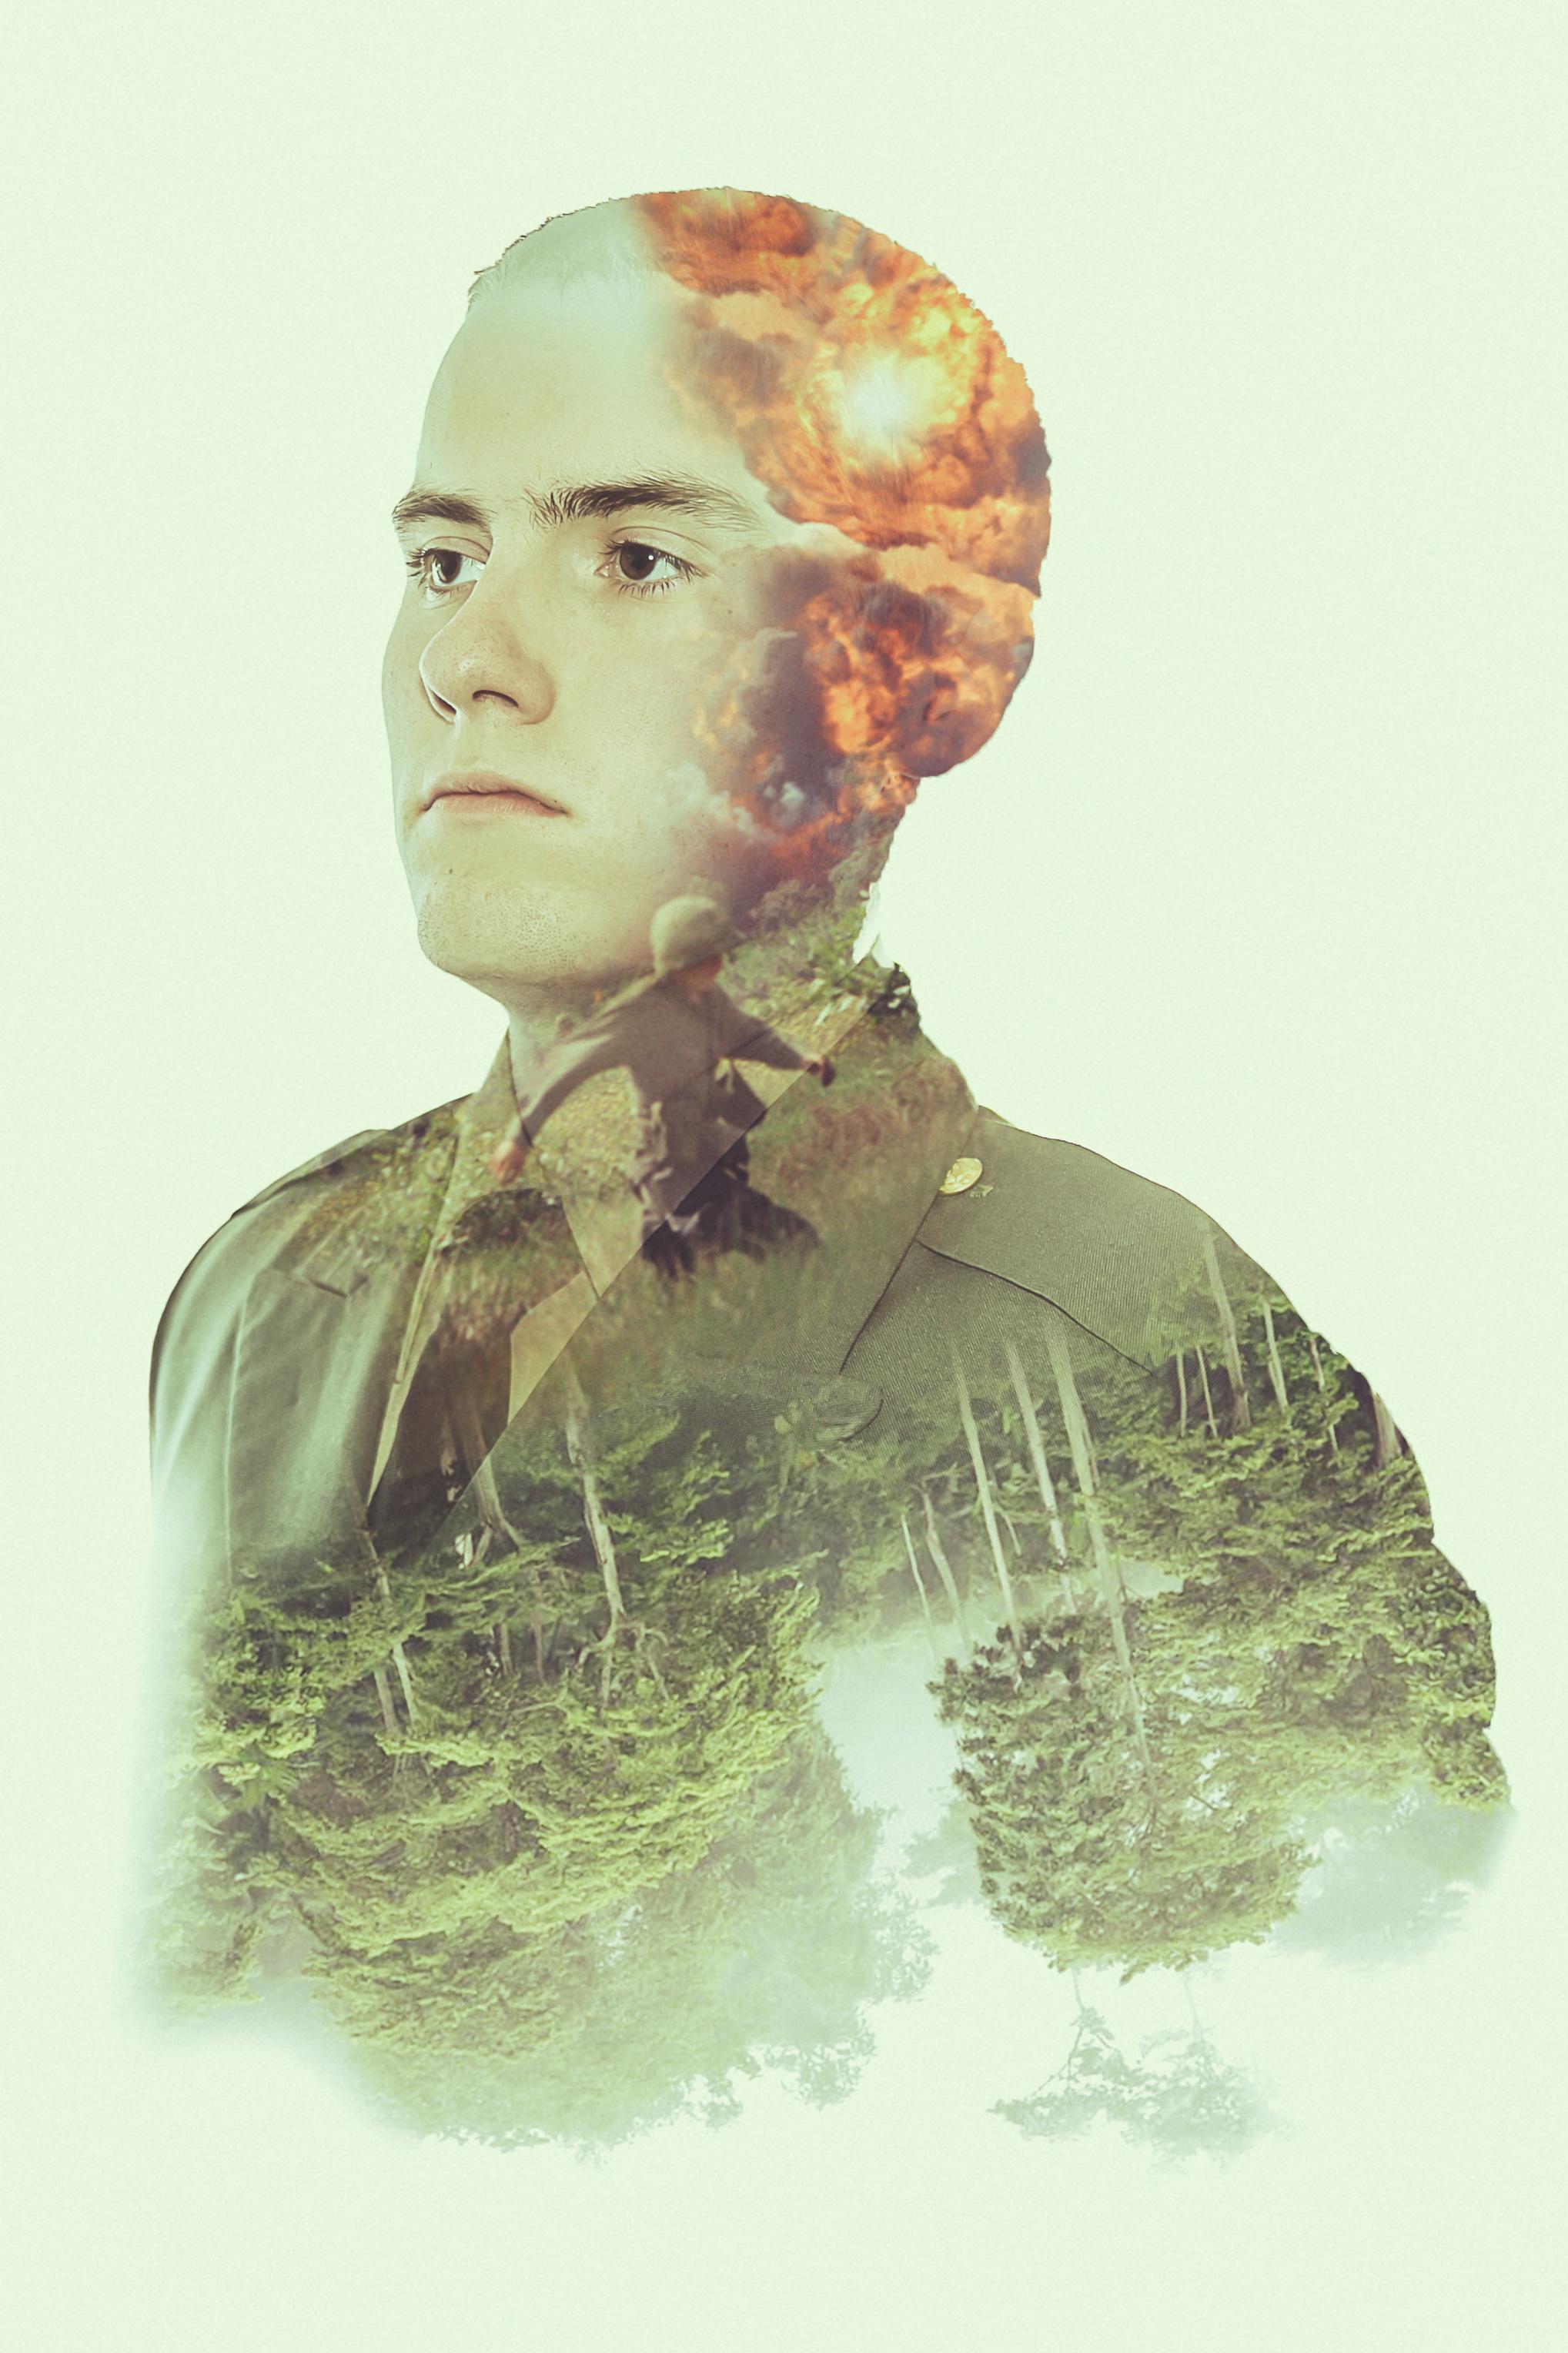 LOTB Portrait - Young Soldier - danscape.jpg